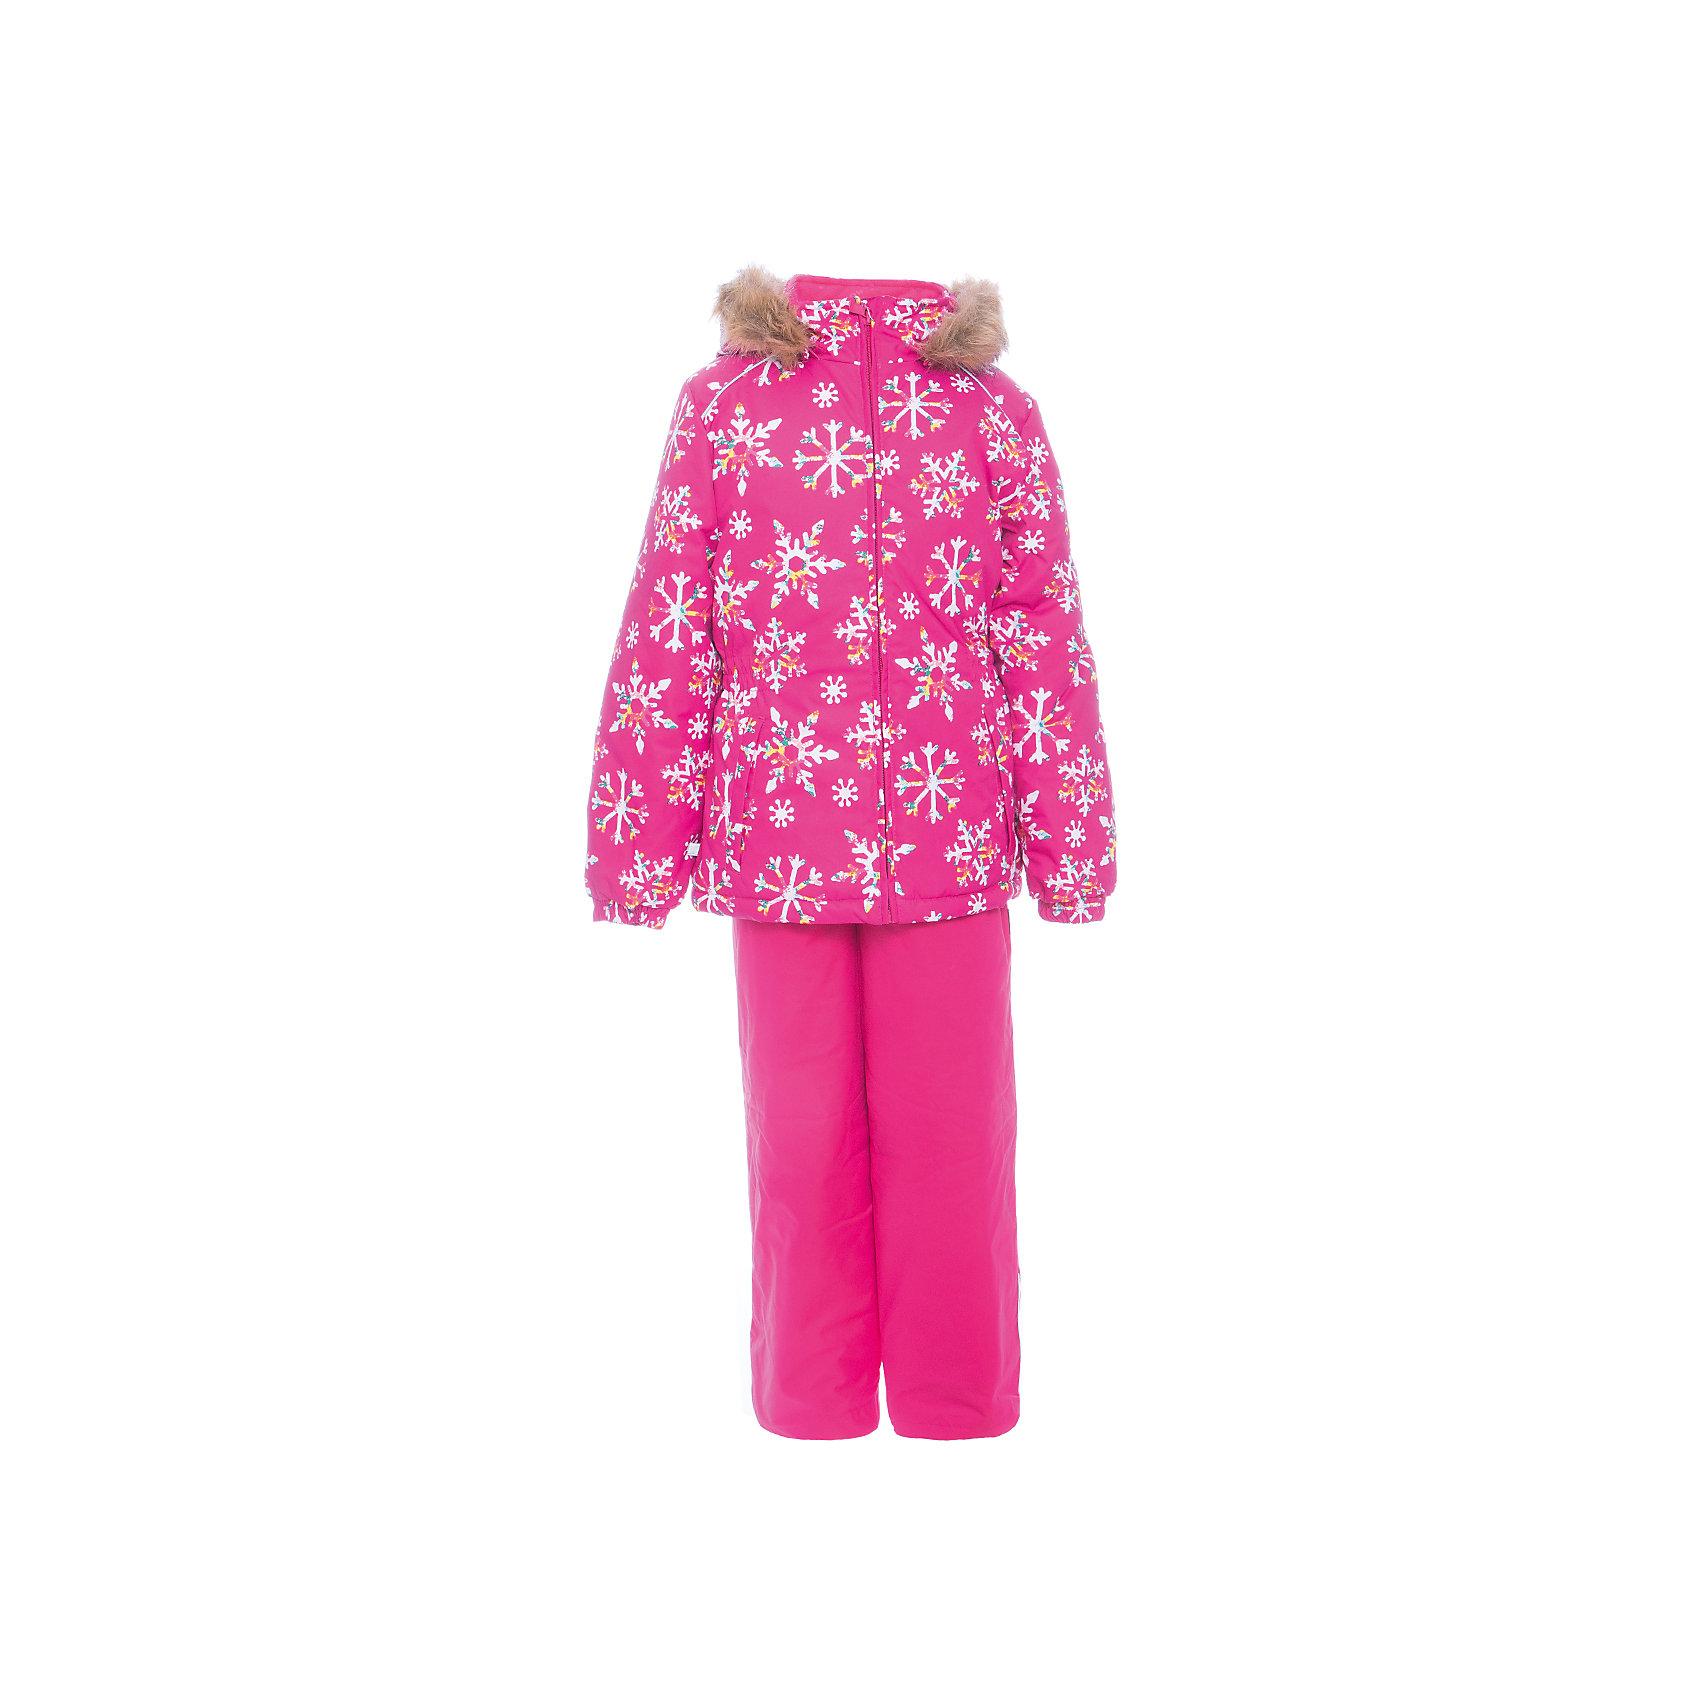 Комплект: куртка и брюки WONDER Huppa для девочкиКомплекты<br>Комплект для девочек WONDER.Водо и воздухонепроницаемость  10 000.Утеплитель 300 гр куртка/160 гр брюки.Подкладка тафта, флис 100% полиэстер.Отстегивающийся капюшон с мехом.Манжеты рукавов на резинке.Регулируемые низы.Внутренняя снегозащита брюк.Швы проклеены.Резиновые подтяжки.Имеются светоотражательные элементы.<br>Состав:<br>100% Полиэстер<br><br>Ширина мм: 356<br>Глубина мм: 10<br>Высота мм: 245<br>Вес г: 519<br>Цвет: фуксия<br>Возраст от месяцев: 108<br>Возраст до месяцев: 120<br>Пол: Женский<br>Возраст: Детский<br>Размер: 140,92,98,104,110,116,122,128,134<br>SKU: 7027118